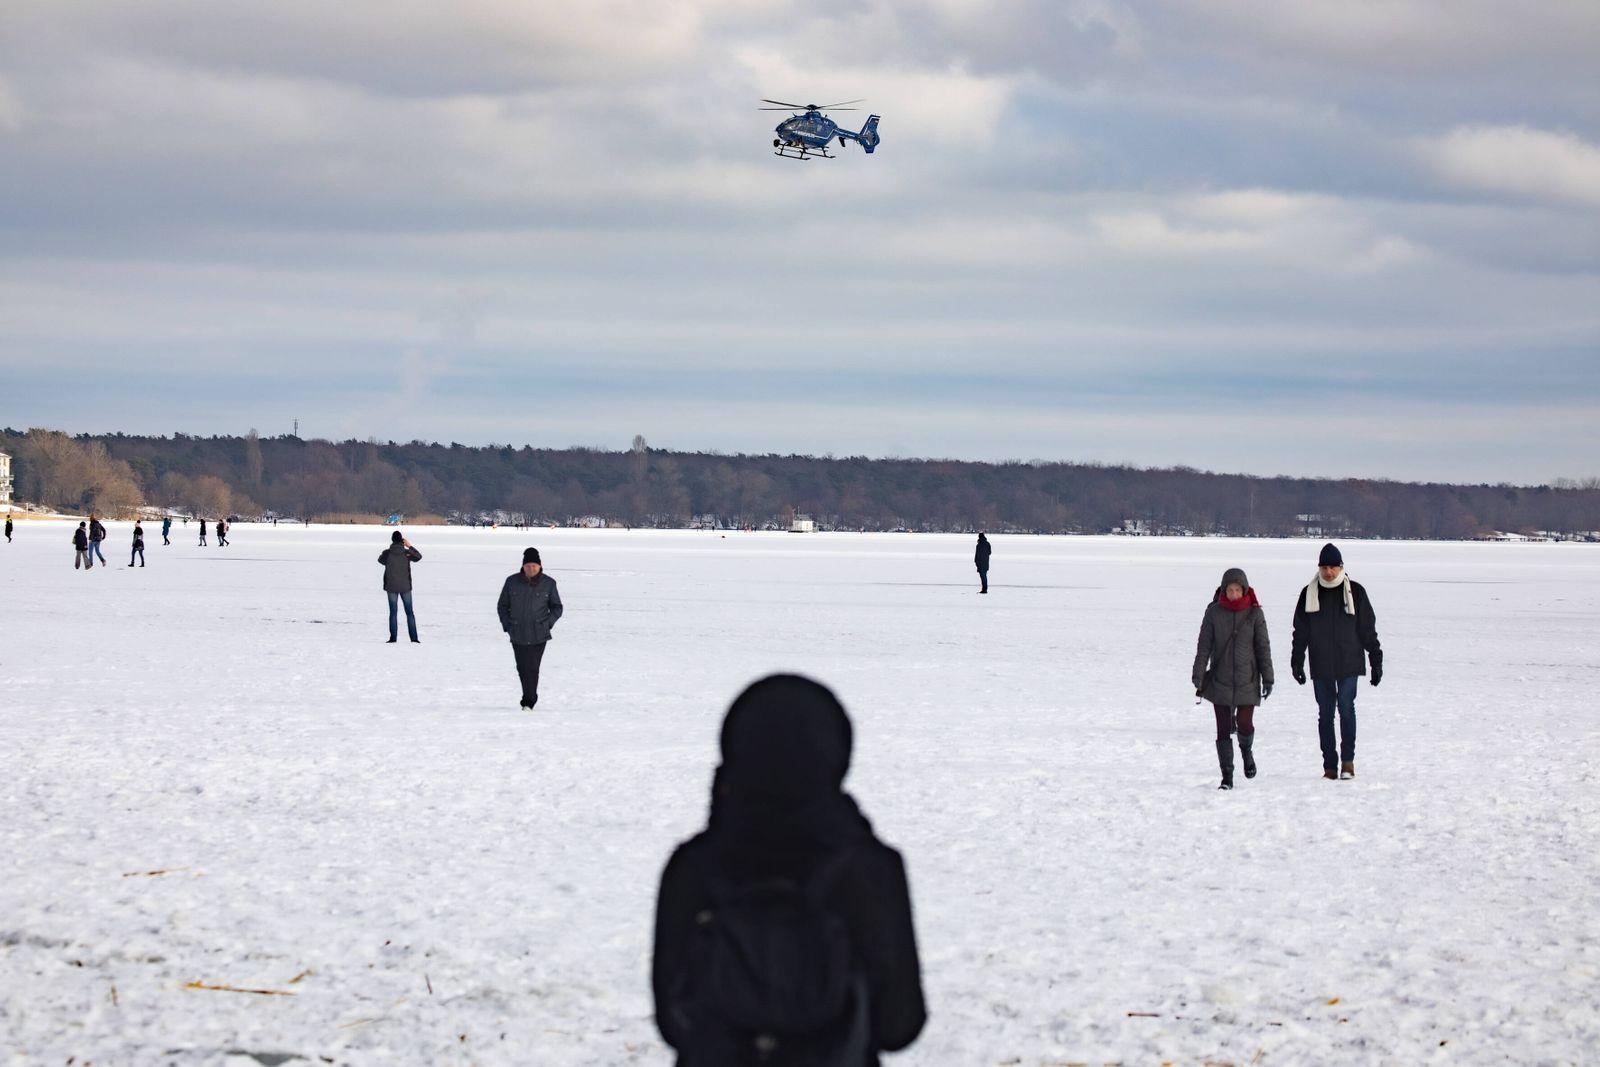 Die Polizei bittet mittels Lautsprecherdurchsagen aus dem Hubschrauber die Menschen, die Eisfläche auf dem Müggelsee zu